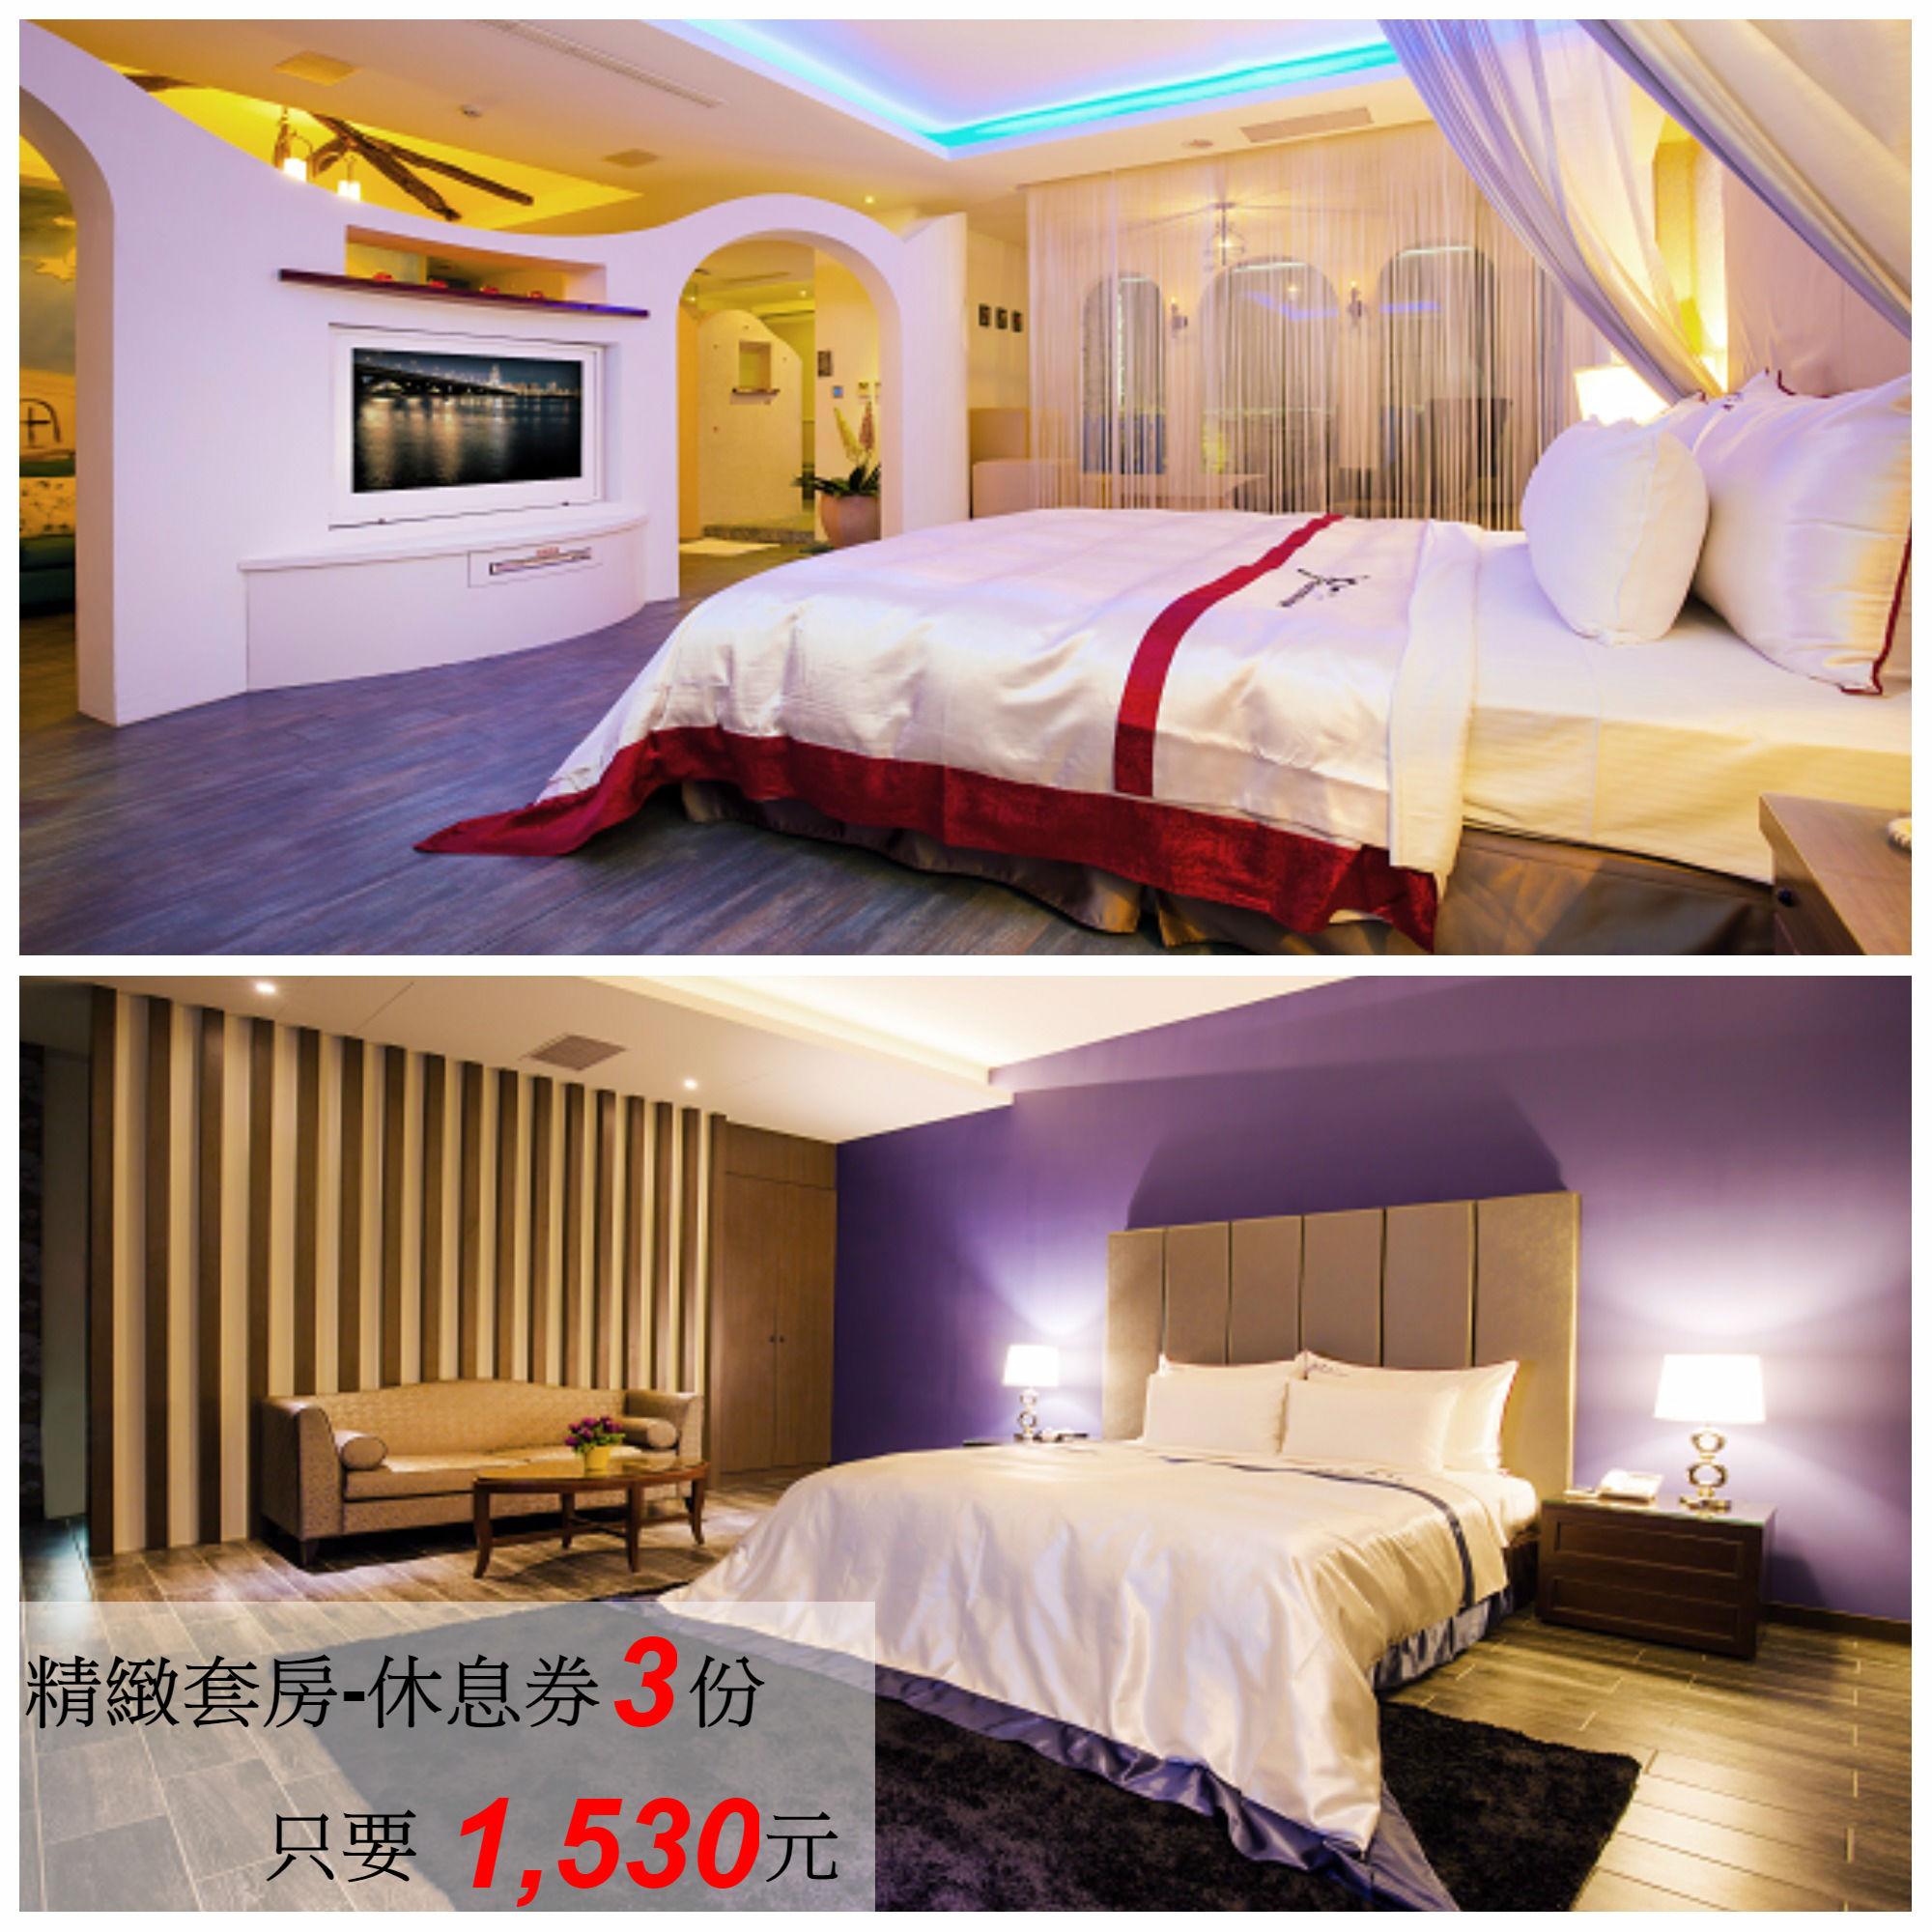 台中波特曼精品汽車旅館-精緻套房3H休息券3張只要1530元